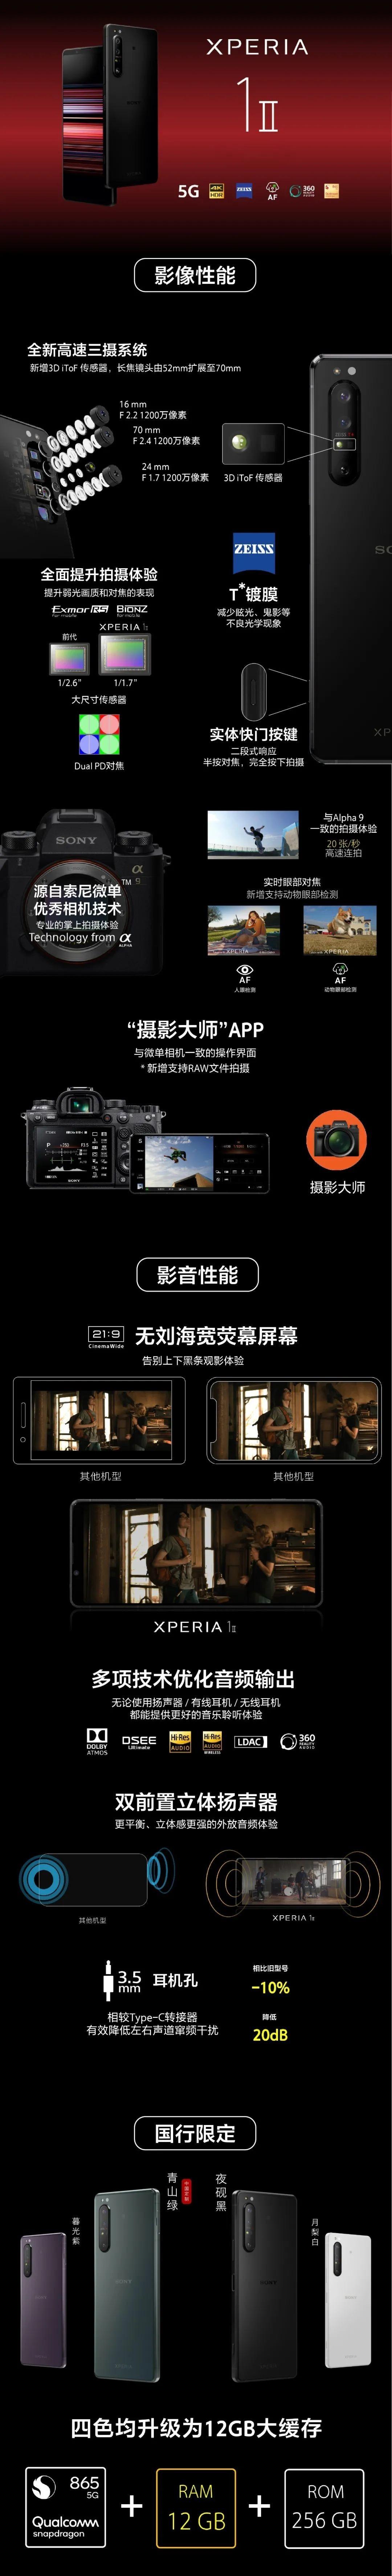 索尼旗舰发布:4K+90Hz屏、蔡司镜头认证